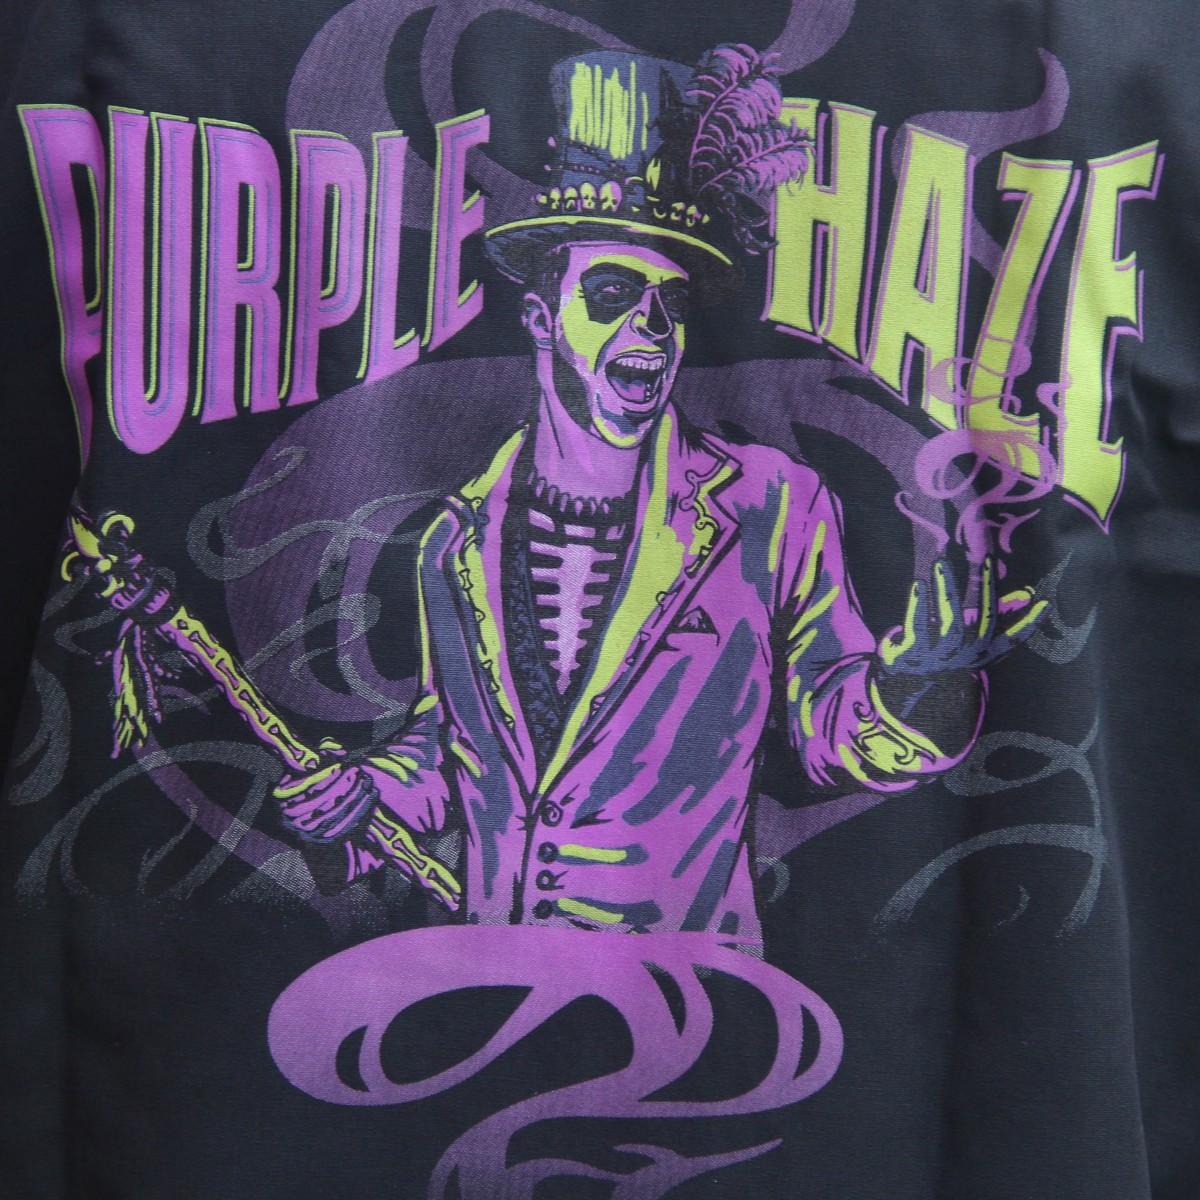 Neon Signs For Sale >> Purple Haze Voodoo Brewer Shirt - Abita Shop - Abita Beer